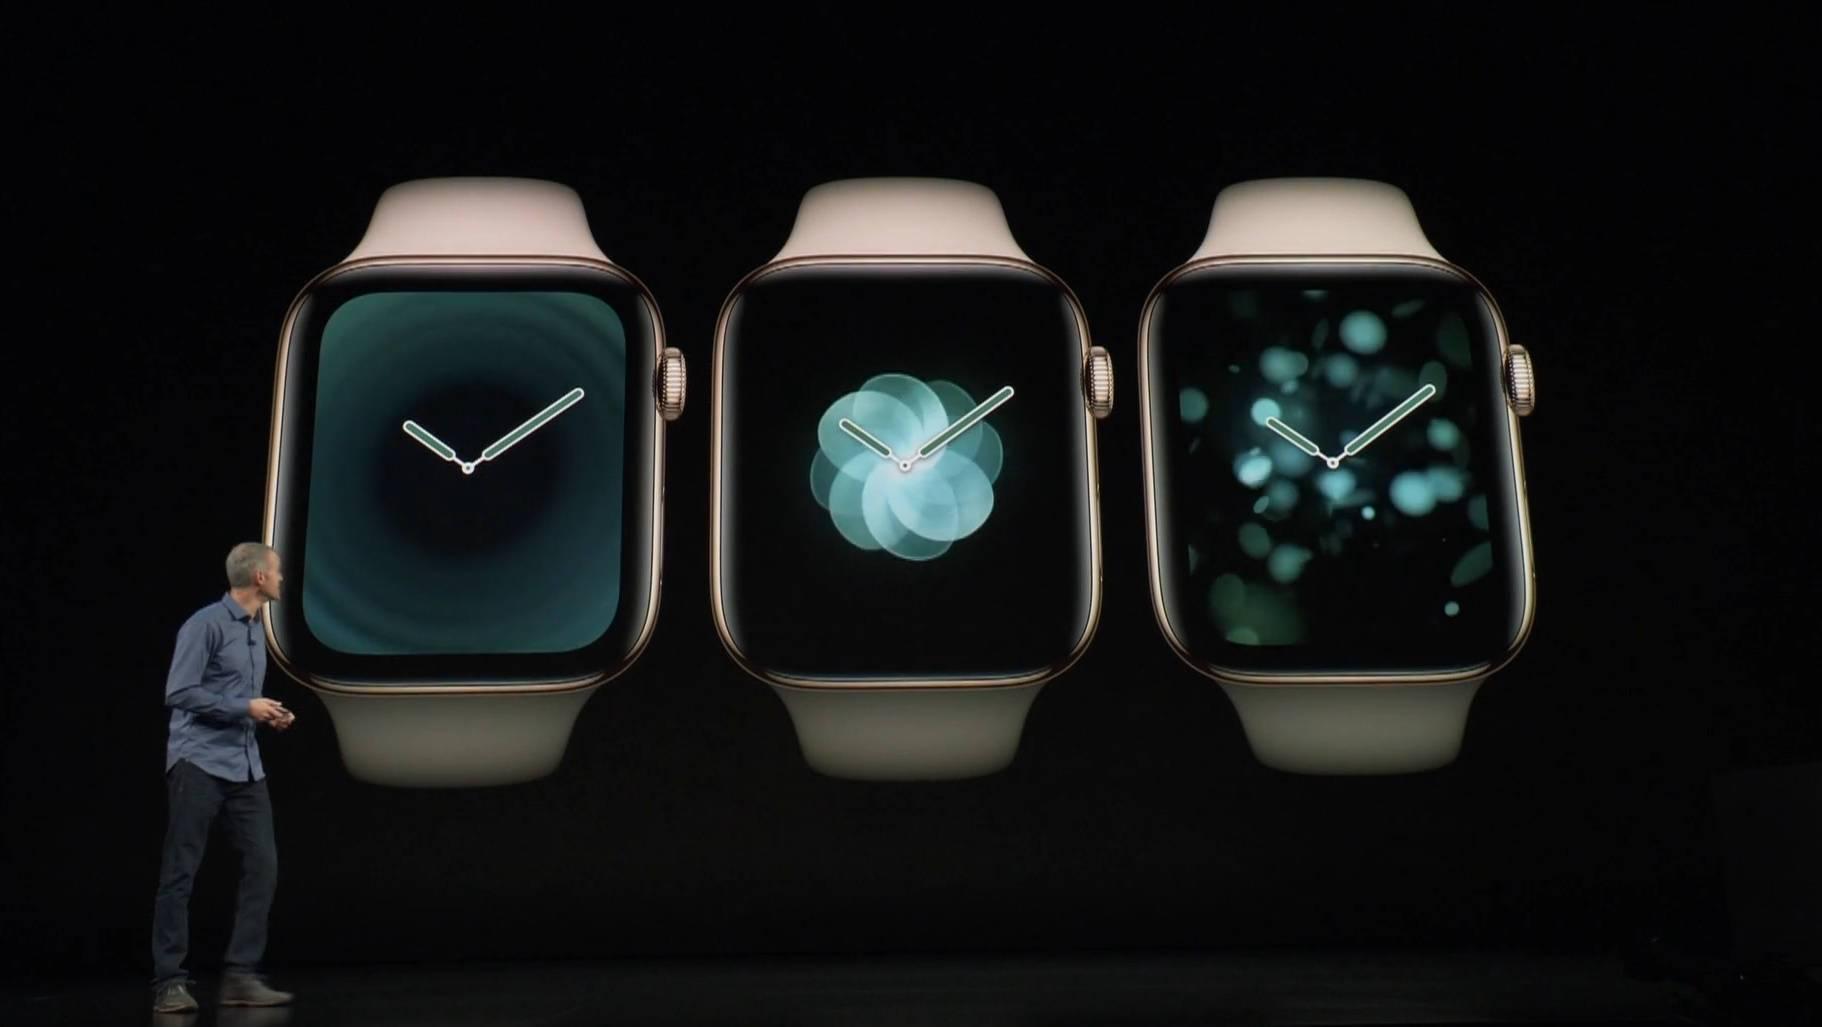 一文看懂2018苹果秋季新品发布会 新款iPhone Xs售价破万的照片 - 4